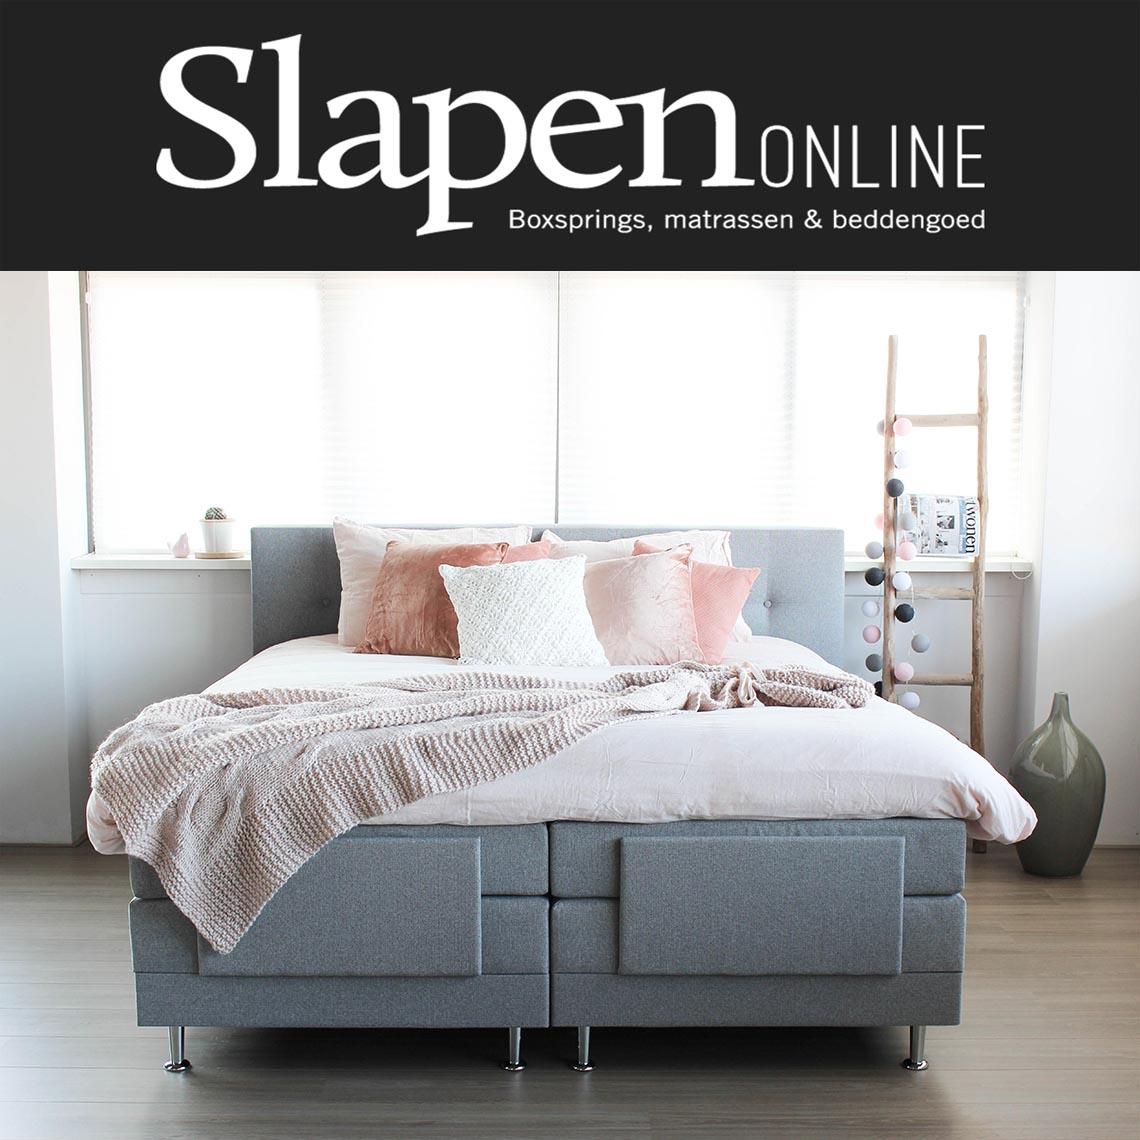 Compleet Bed 180x200.Boxspring Compleet 180x200 Slapen Online Slapen Online